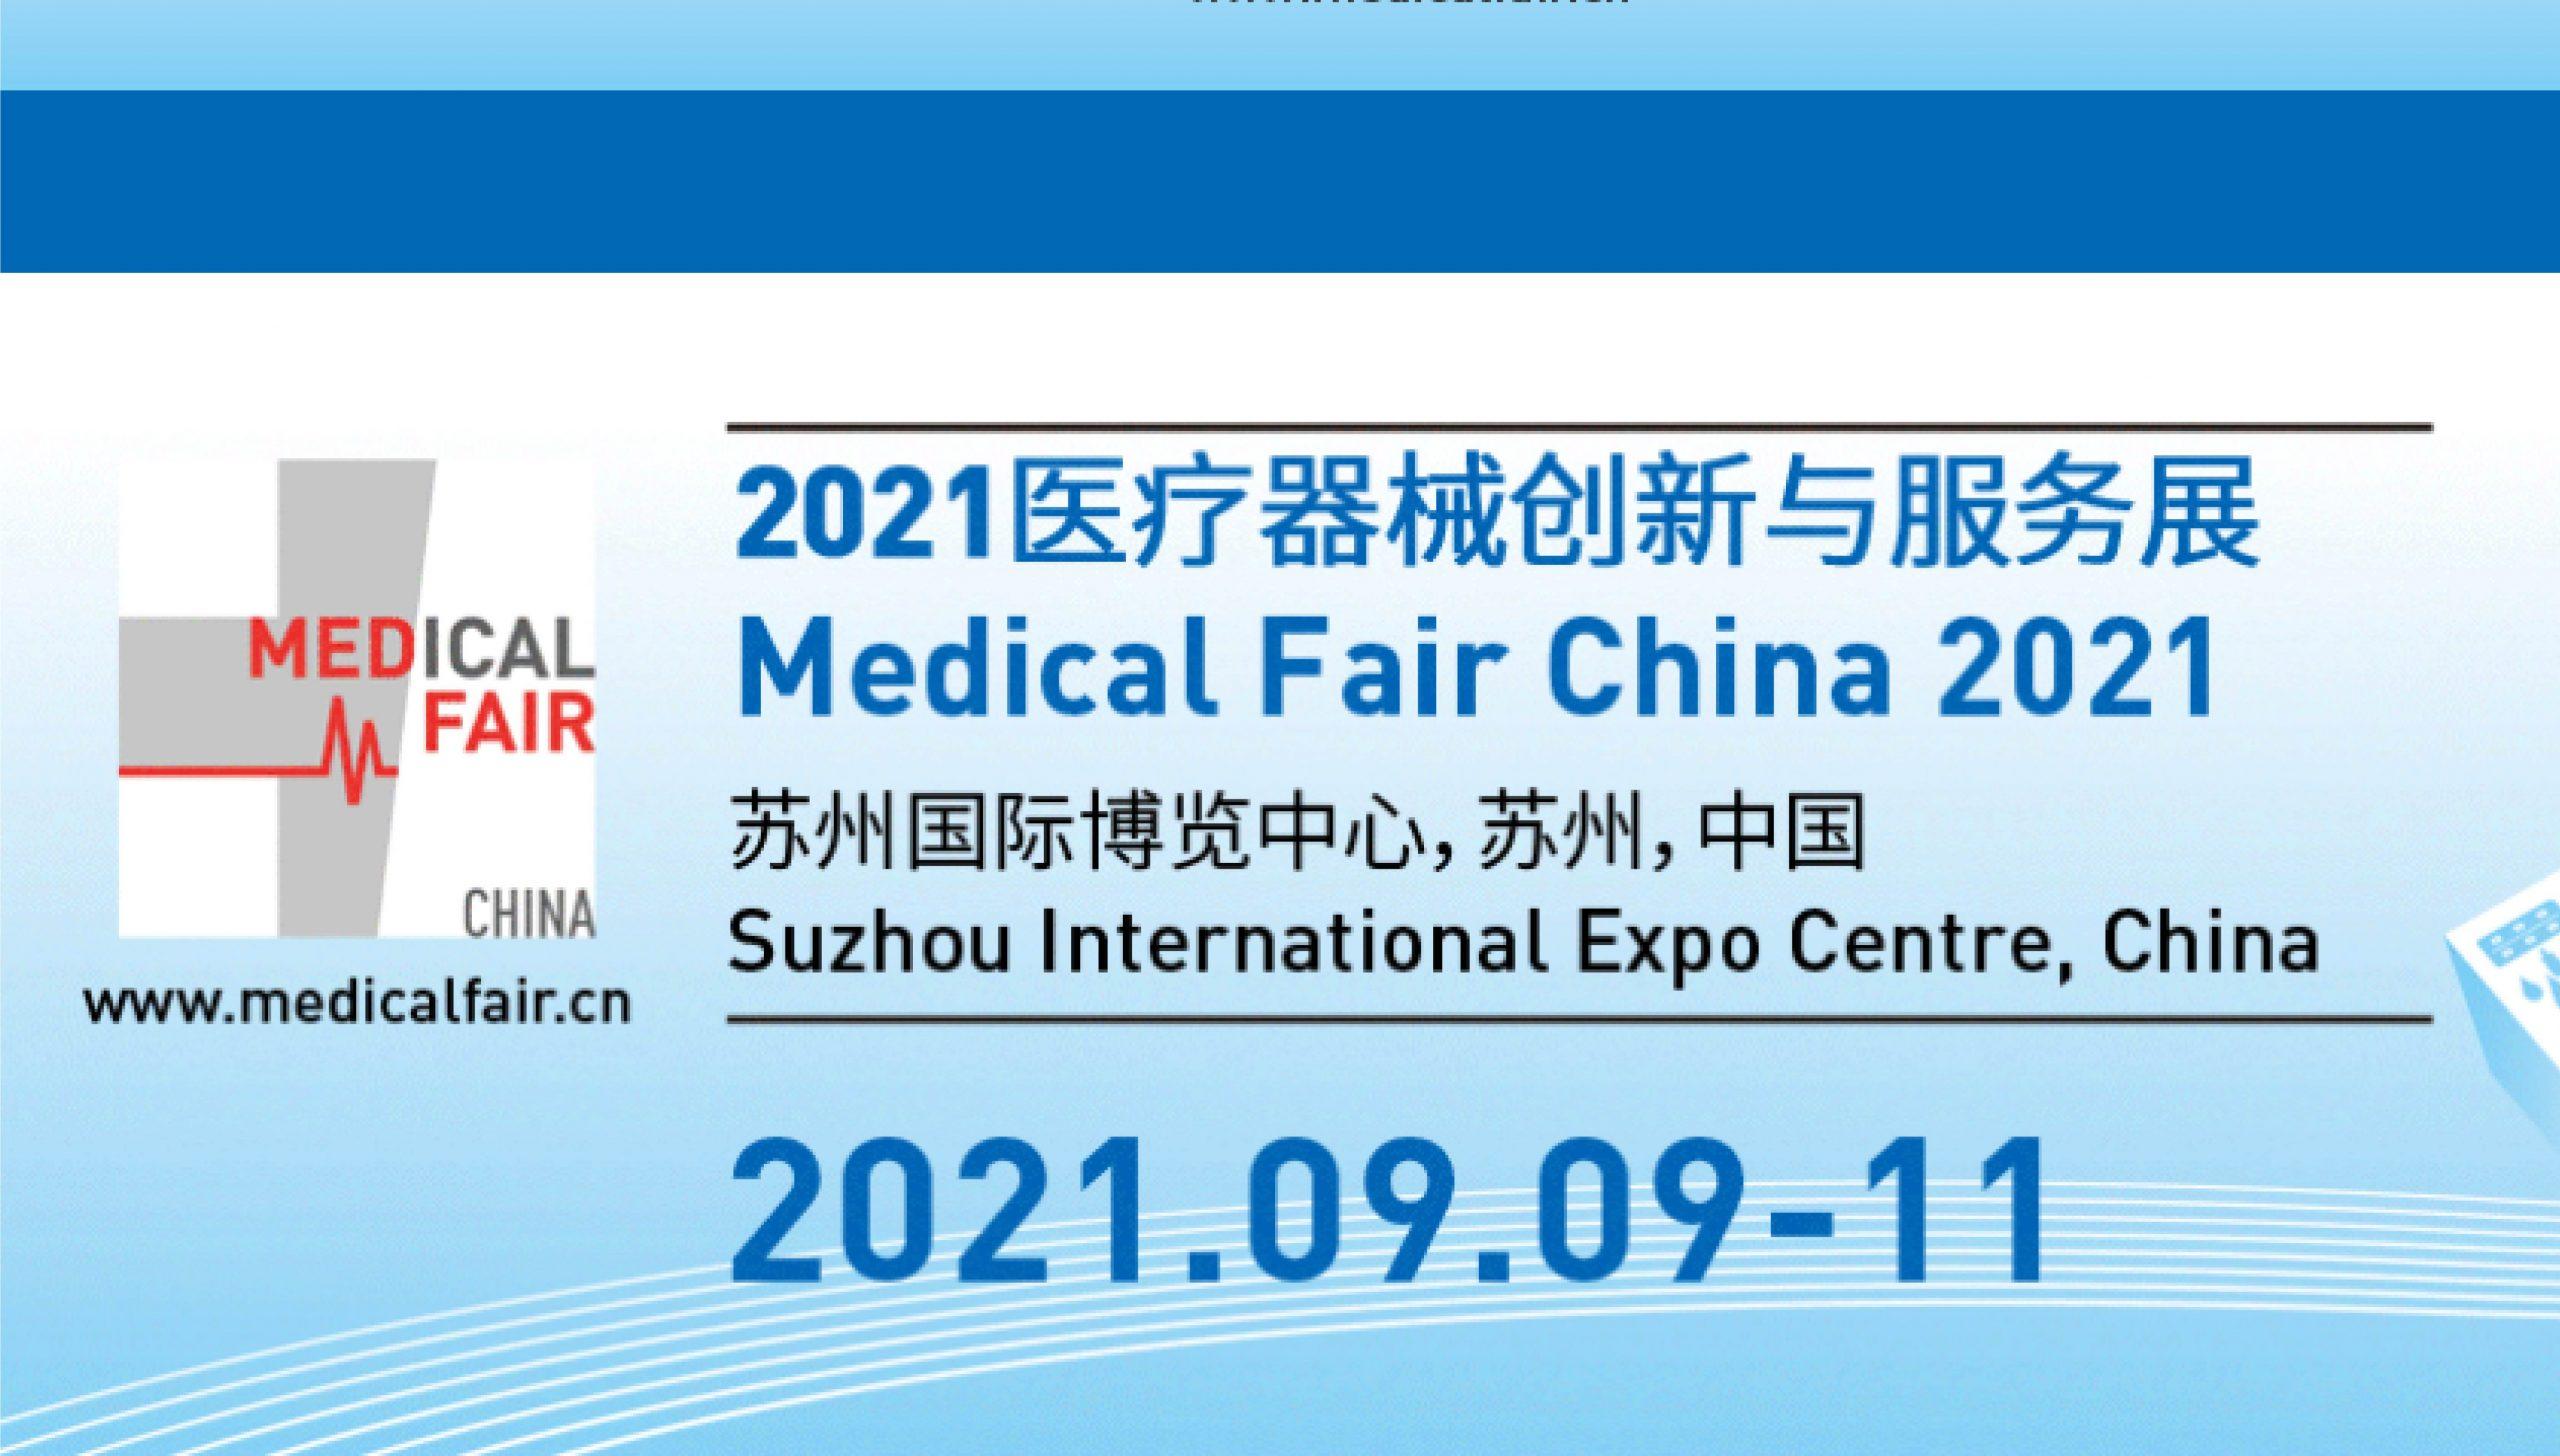 Medical Fair China 2021